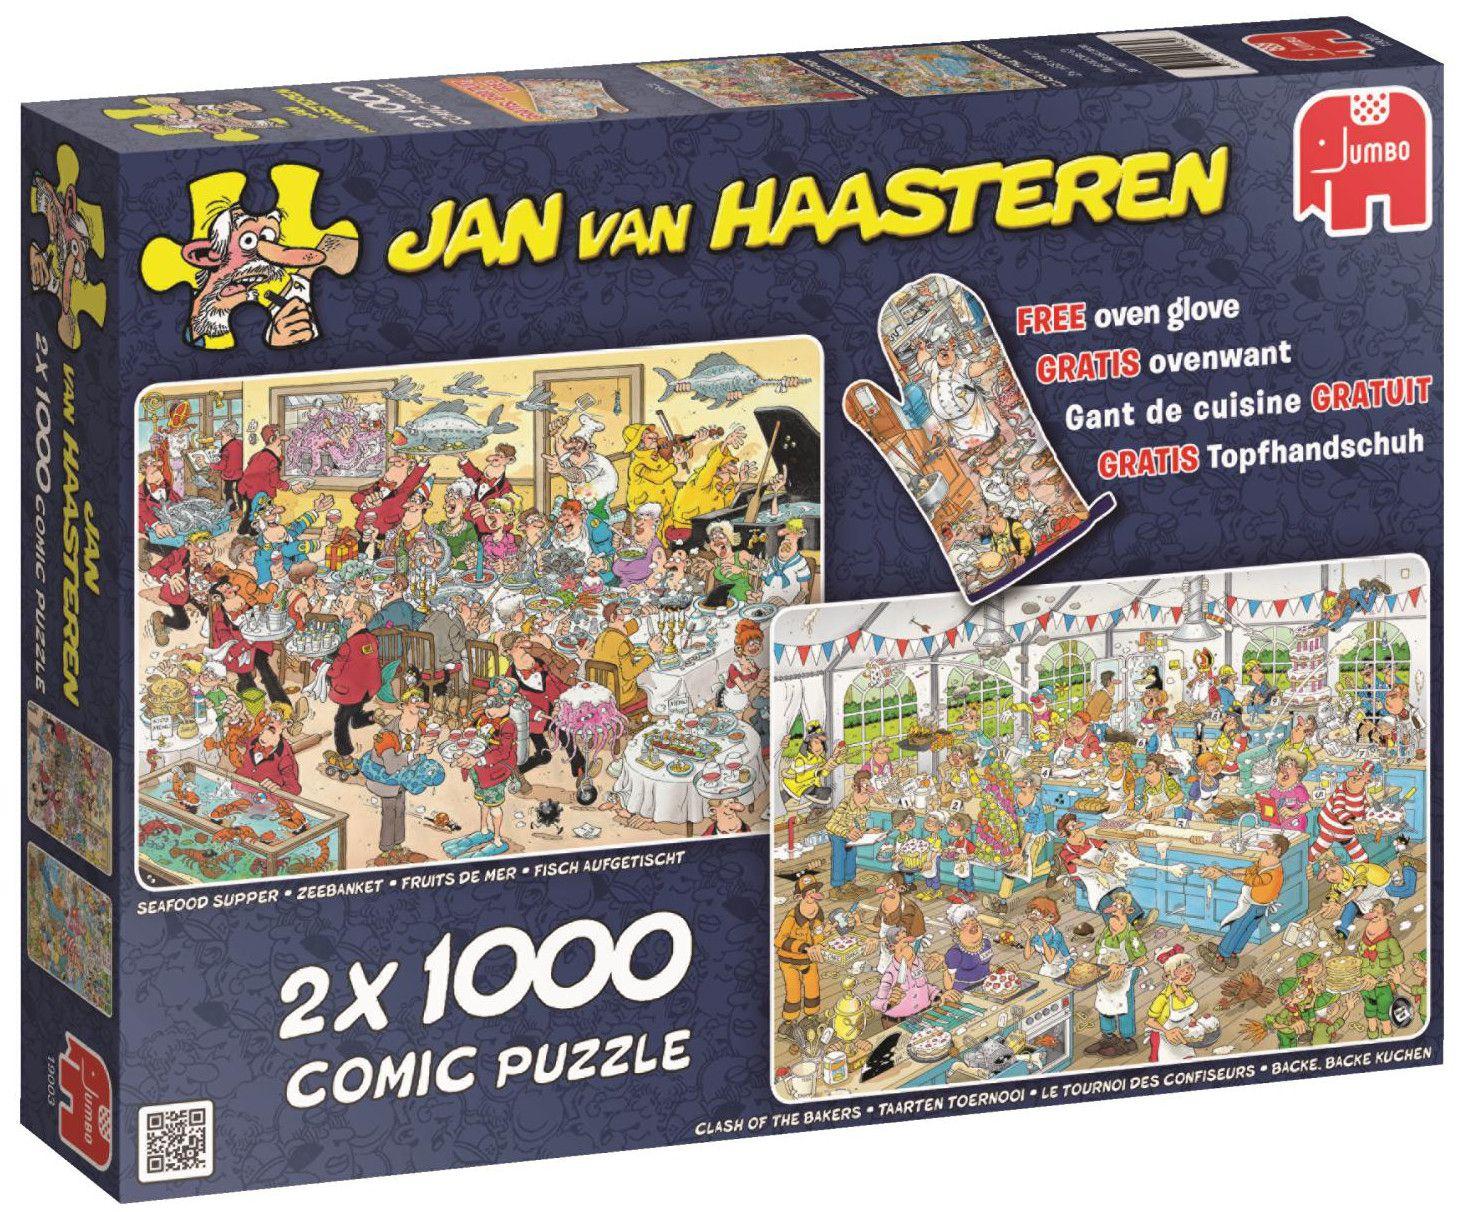 Пъзели Jumbo 2 х 1000 части - Вечеря с морски дарове и Сблъсъкът на хлебарите, Ян ван Хаастерен - 1